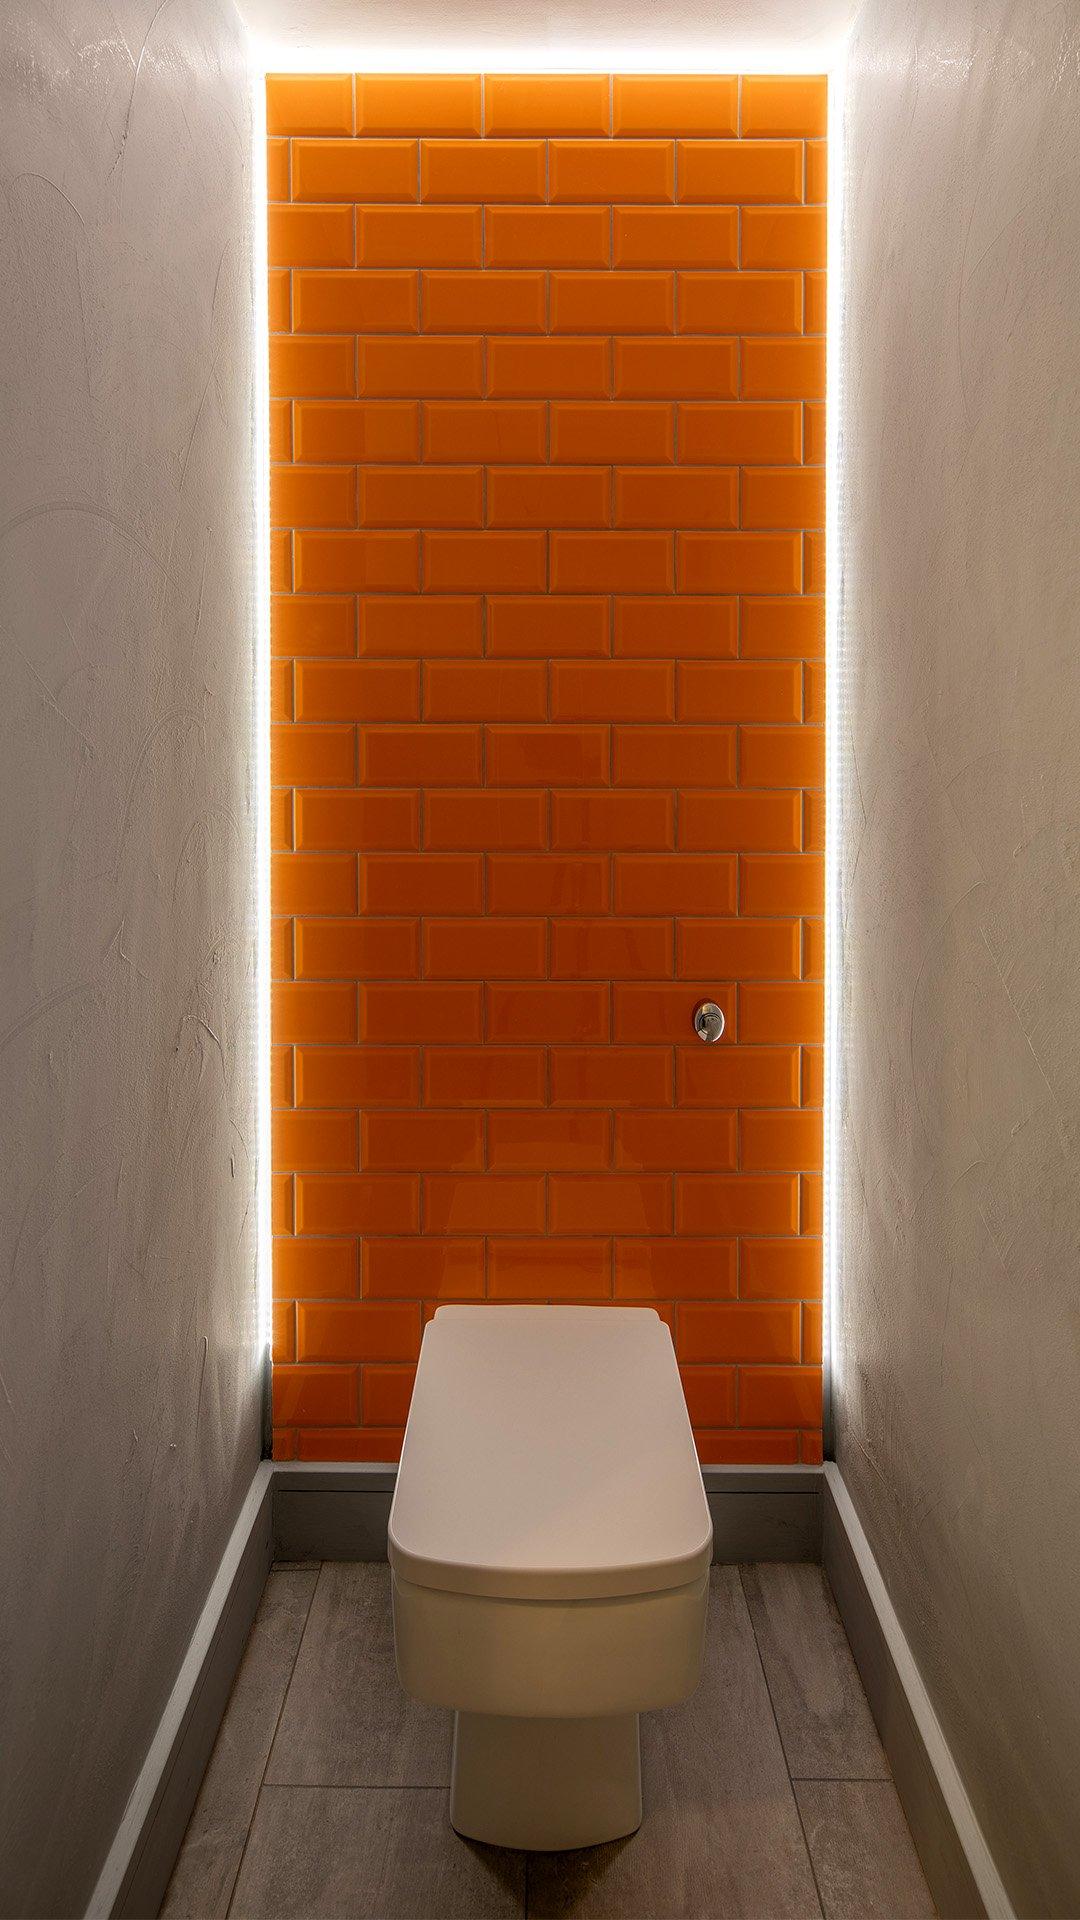 50 Fairfax Street toilet c